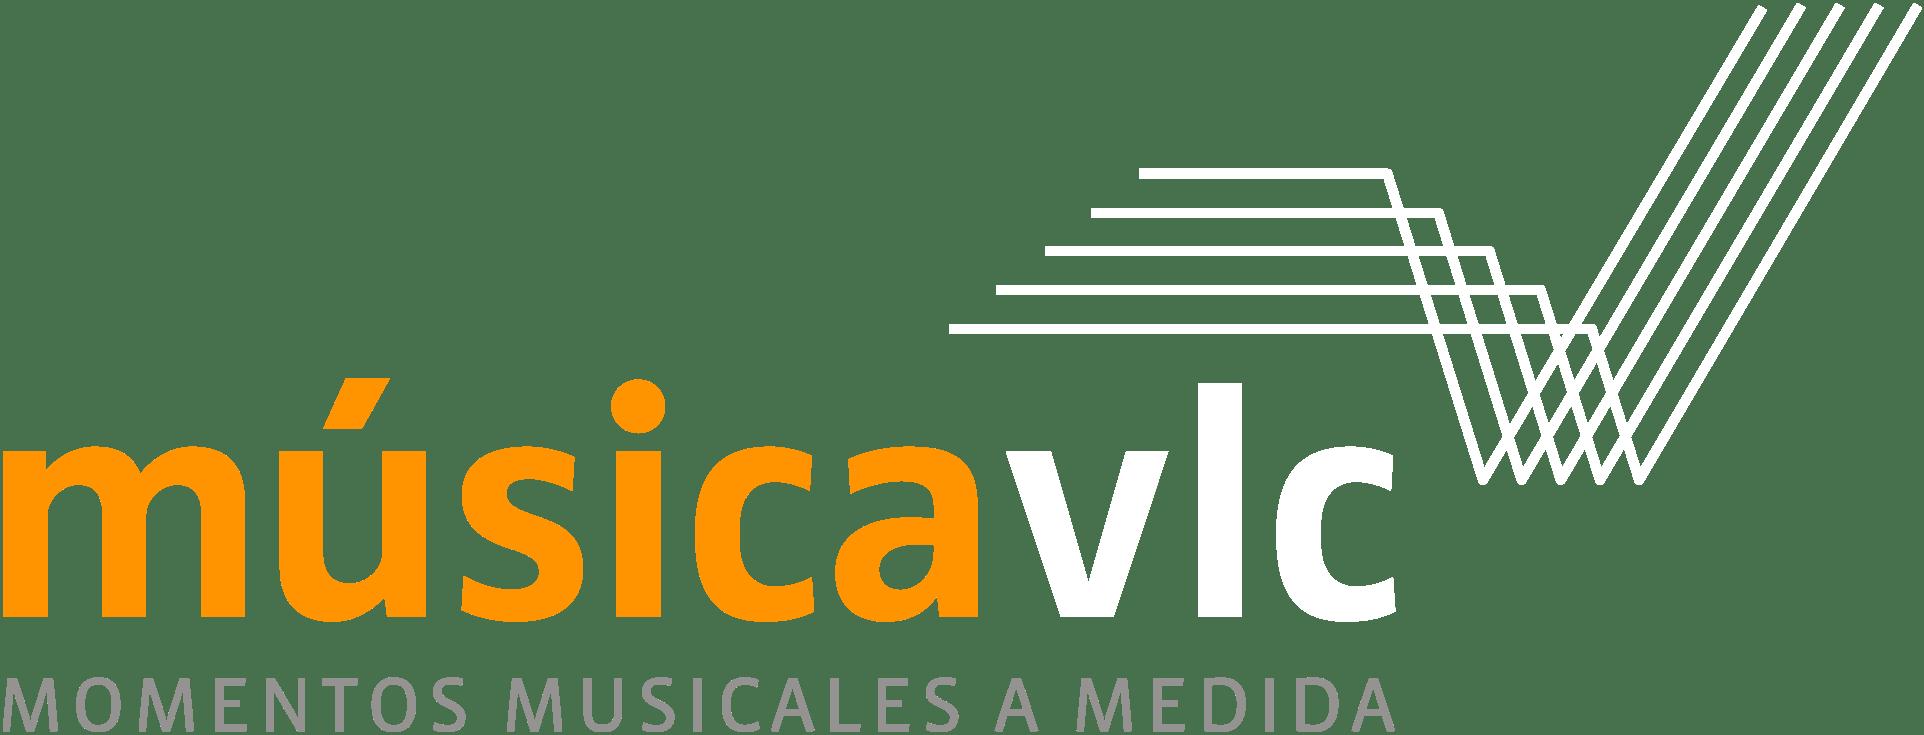 MusicaVLC2-Negativo-Grande